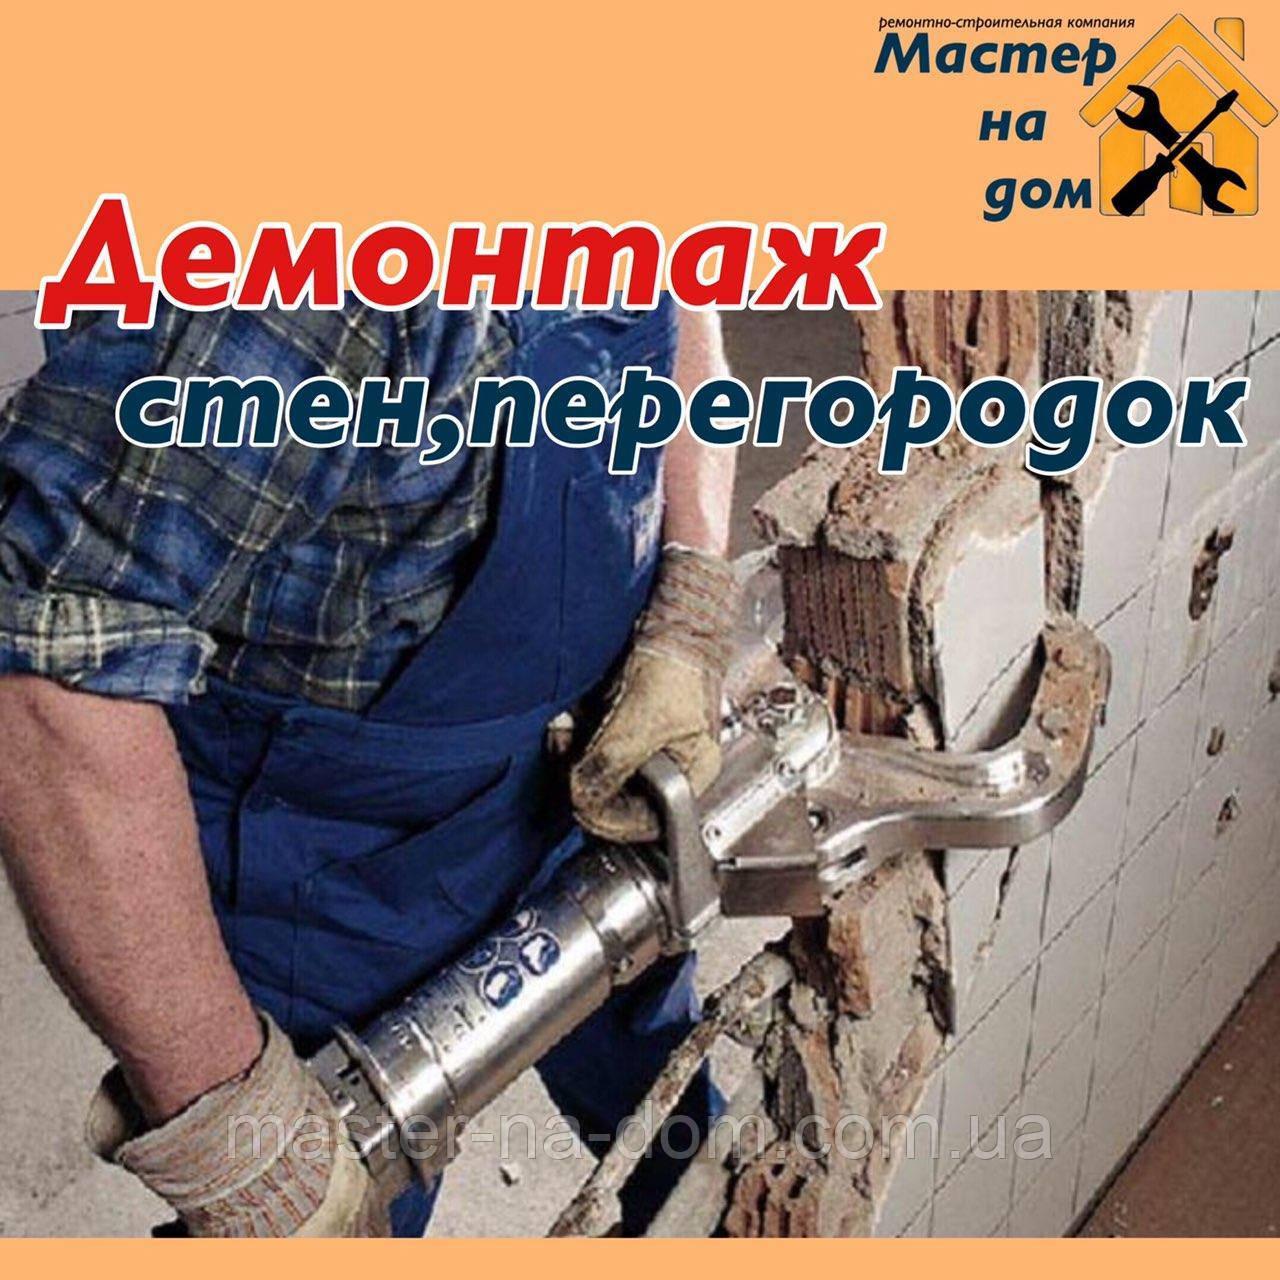 Демонтаж стен, перегородок в Черкассах